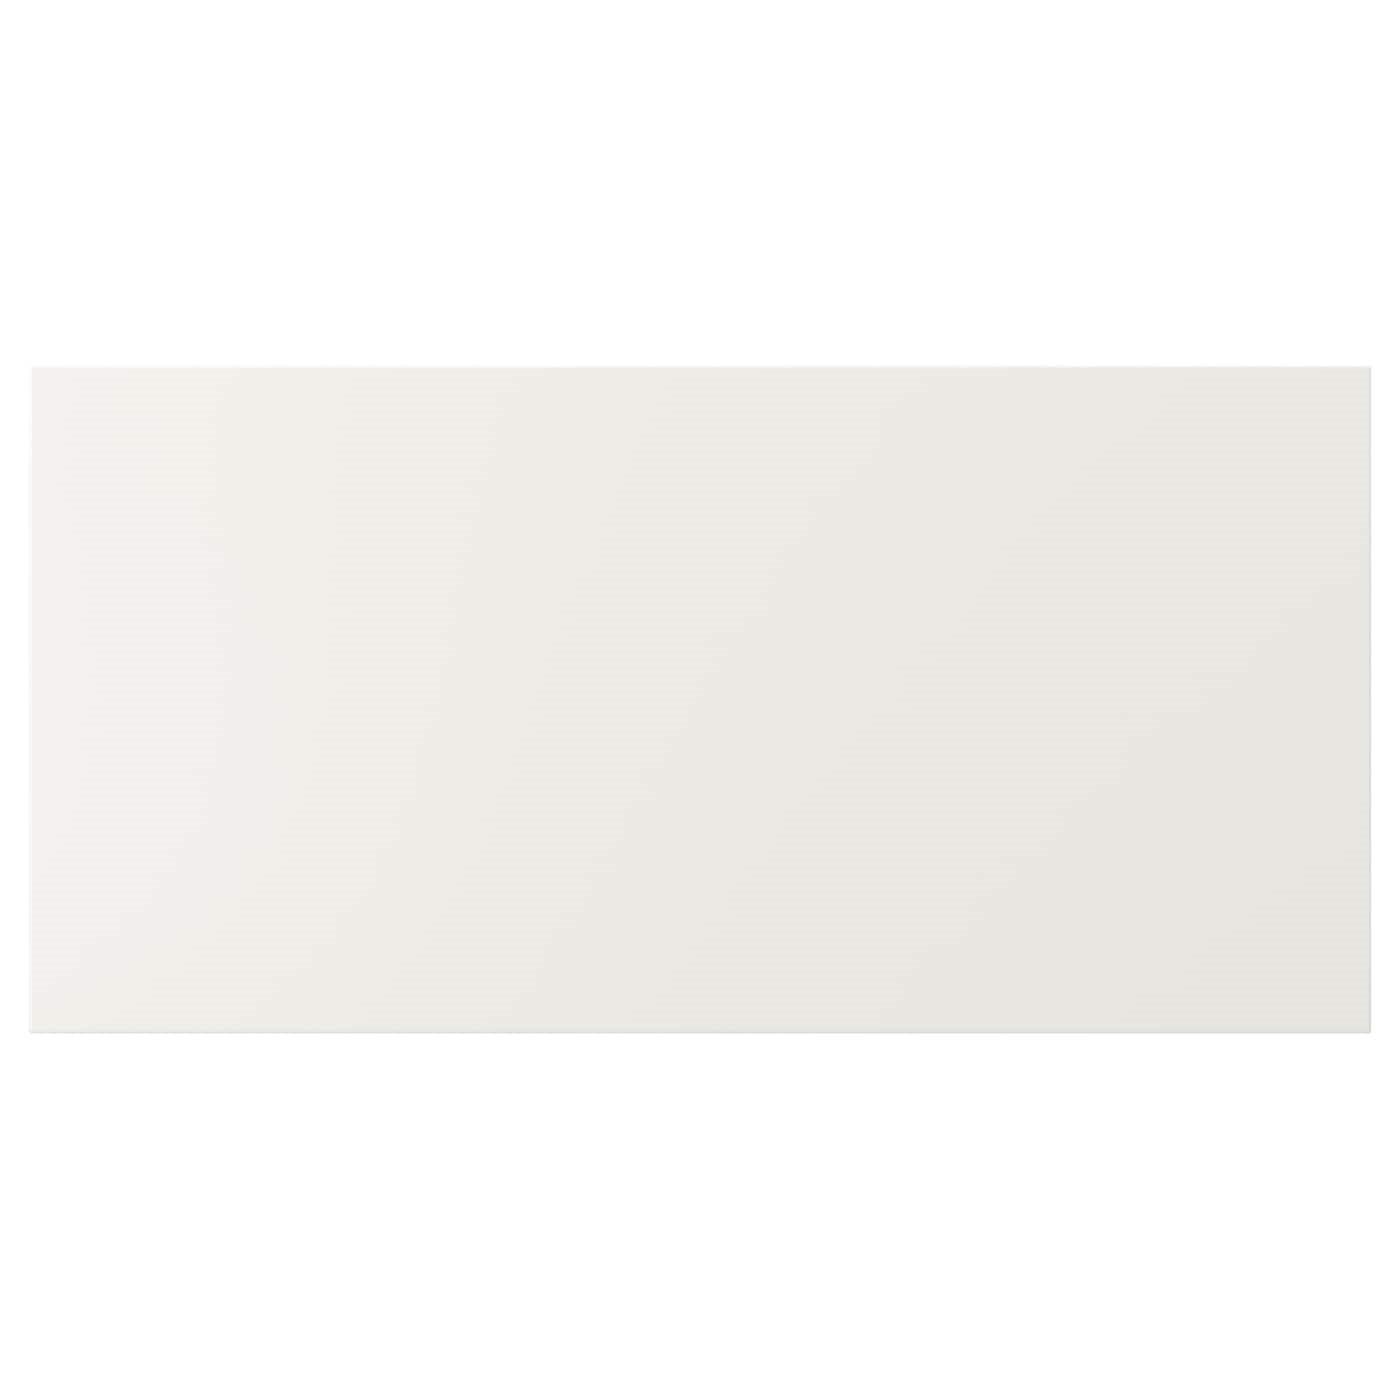 IKEA VEDDINGE фронтальная панель ящика белый 79.7x39.7 см 502.054.24